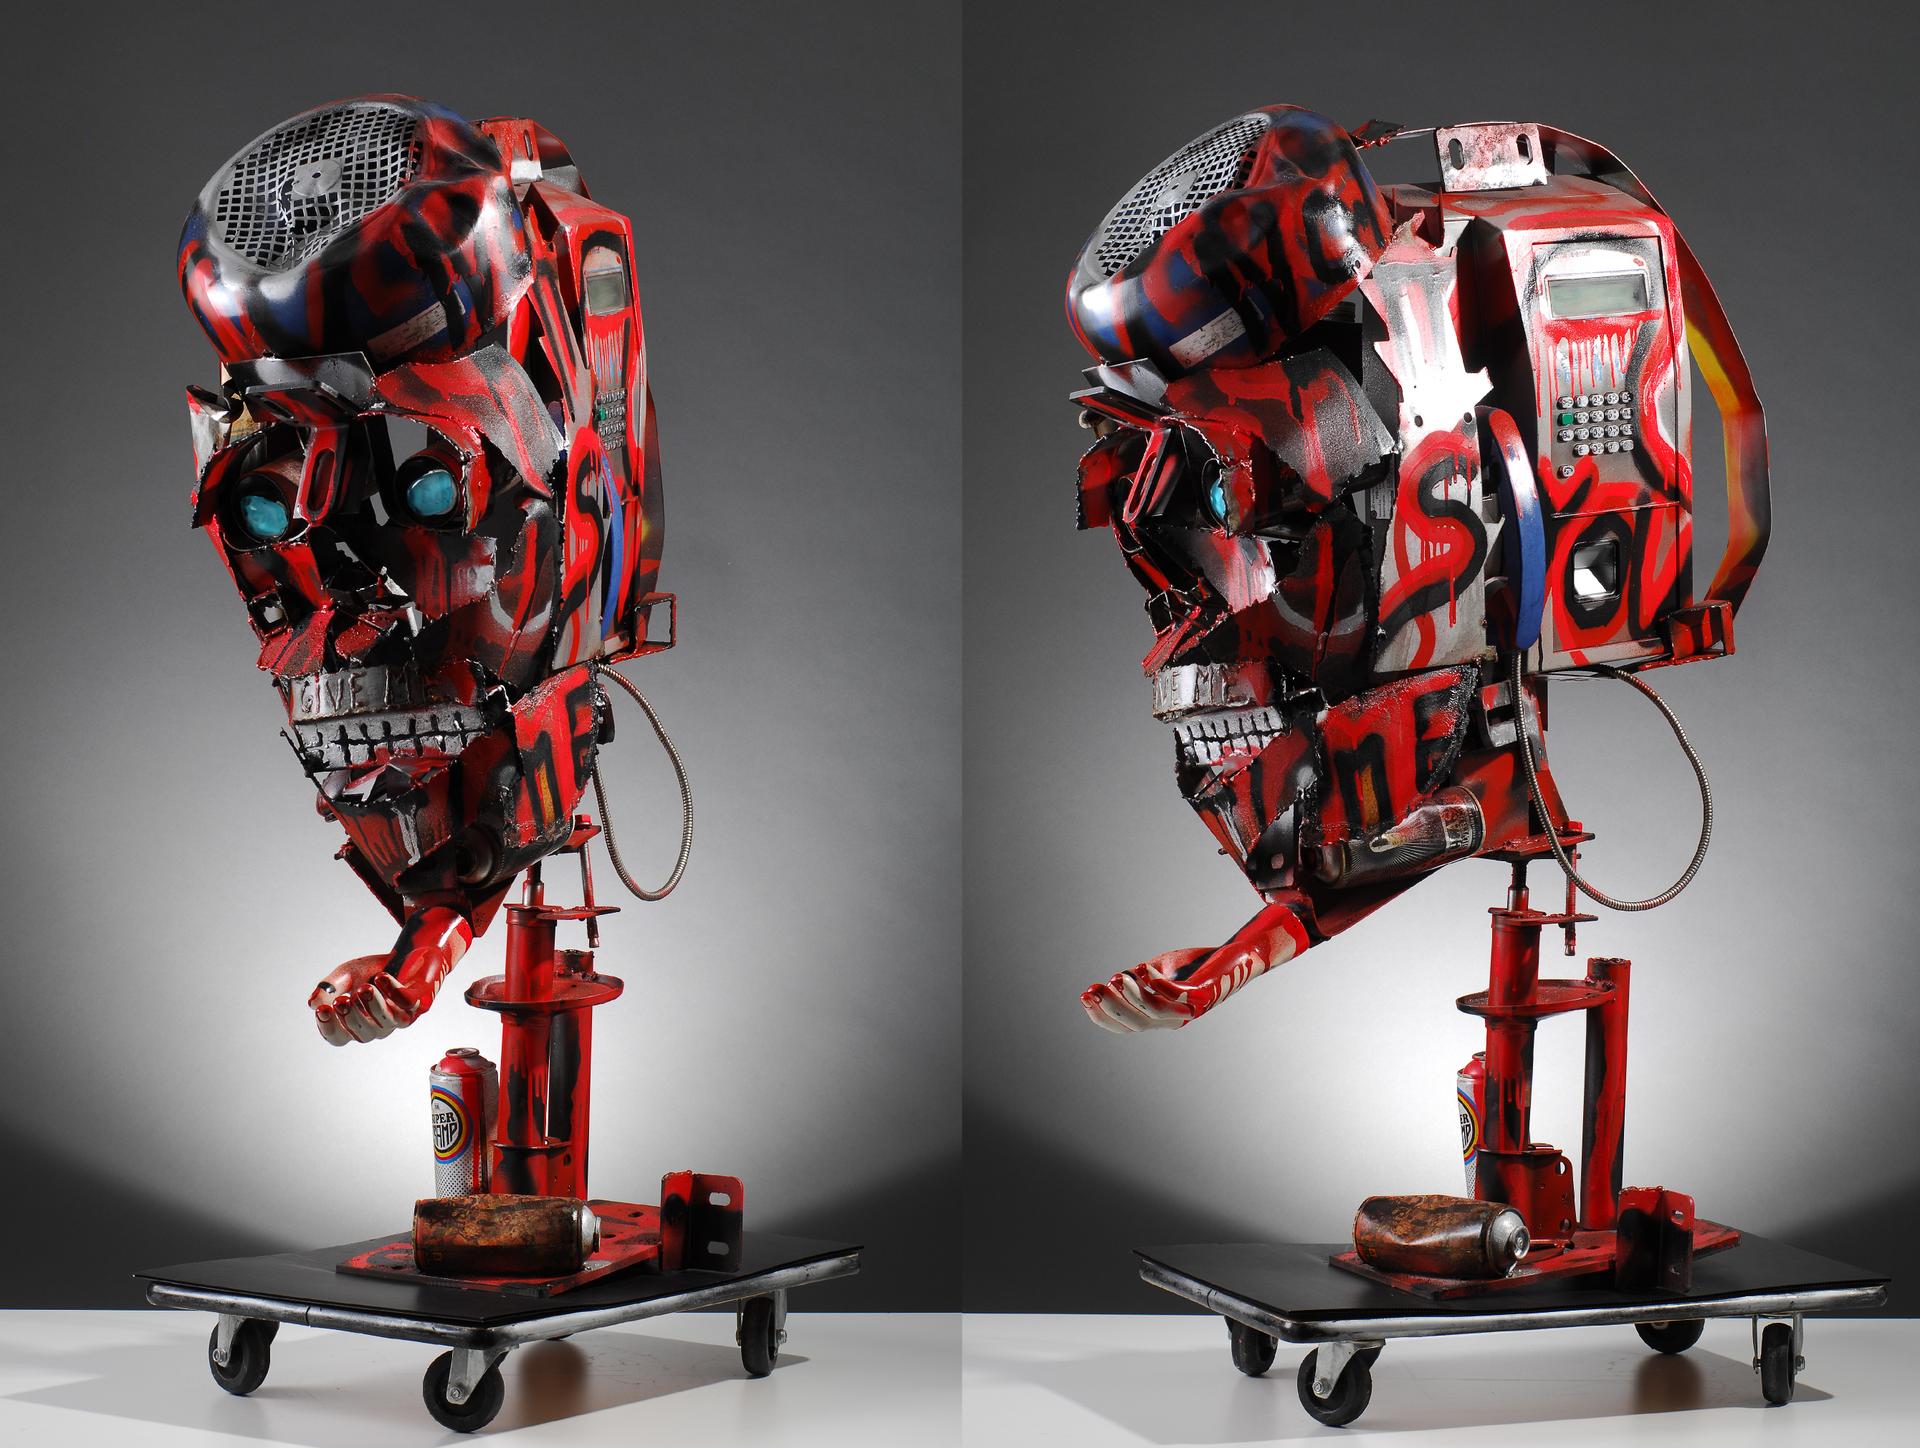 sculpture réalisée avec une cabine de telephone recyclée.